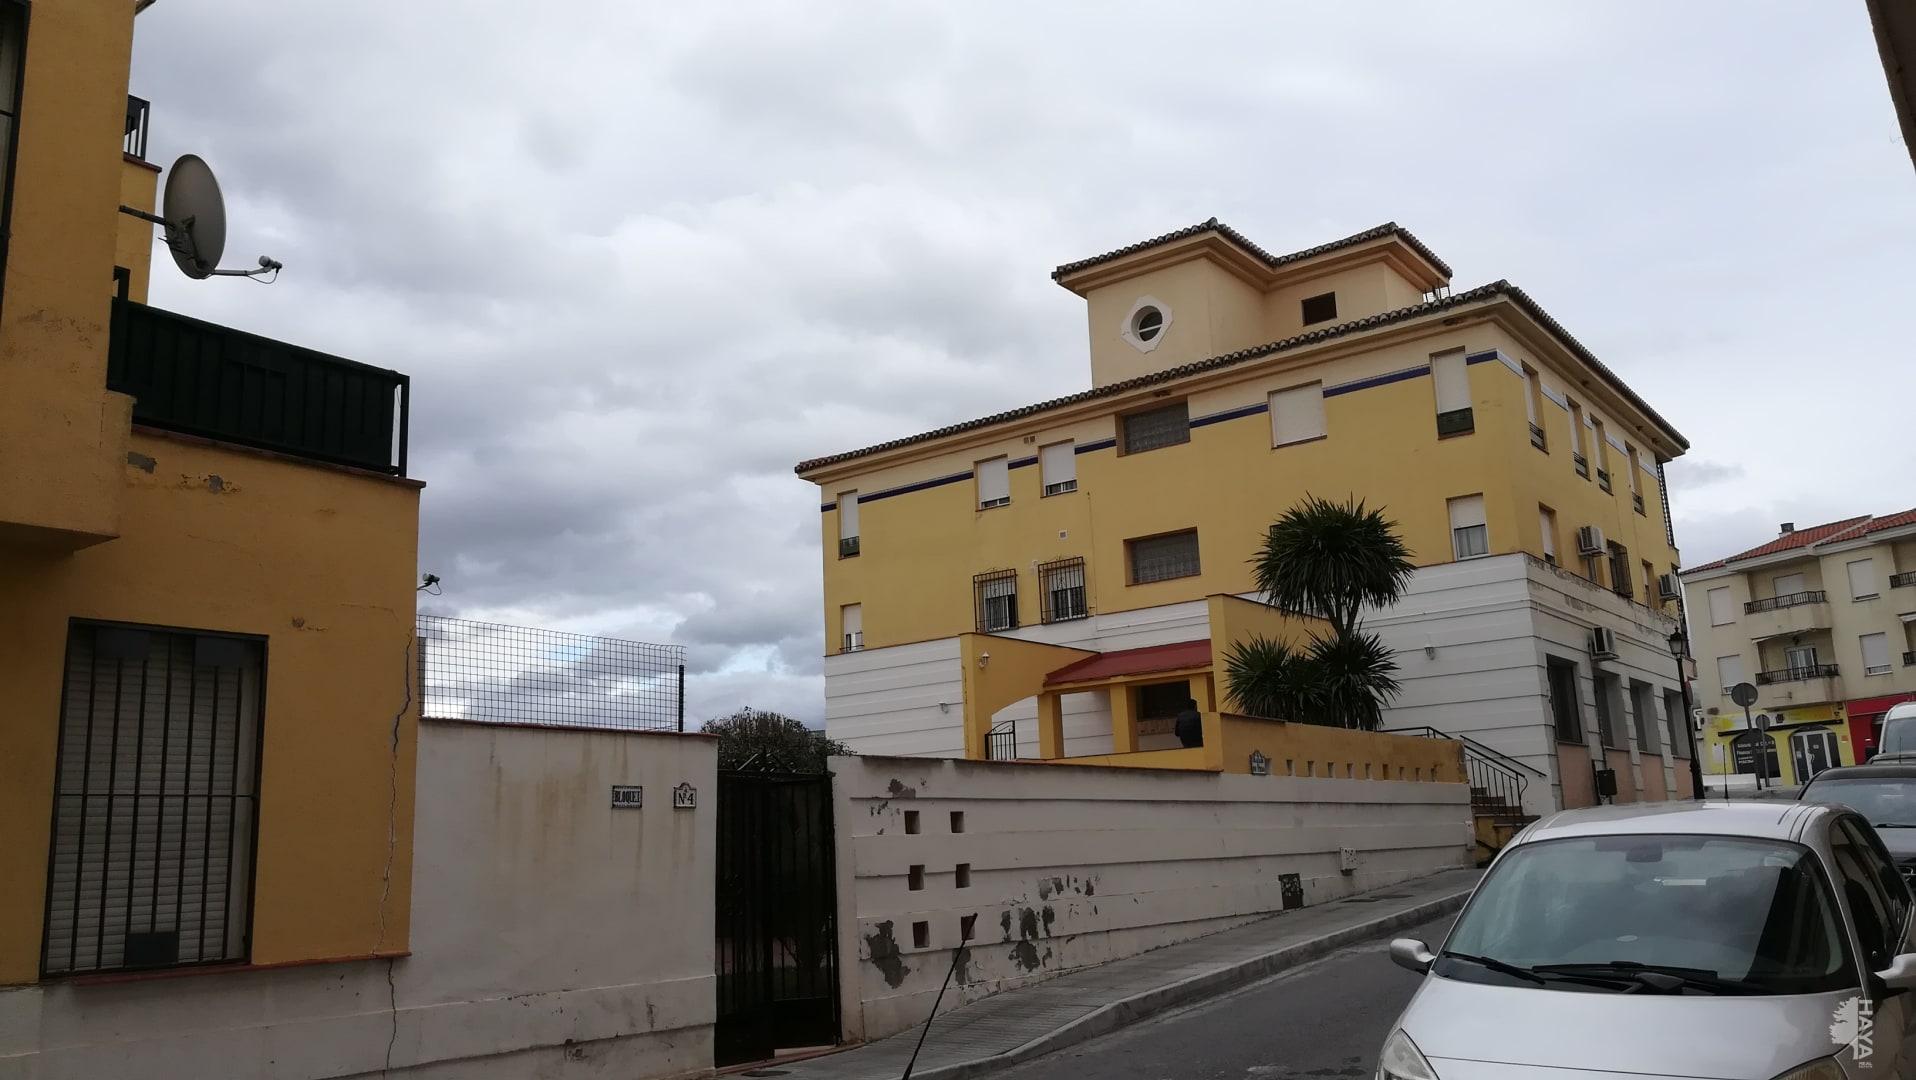 Piso en venta en Alhama de Granada, Granada, Calle Cristobal Colon, 62.720 €, 2 habitaciones, 1 baño, 83 m2